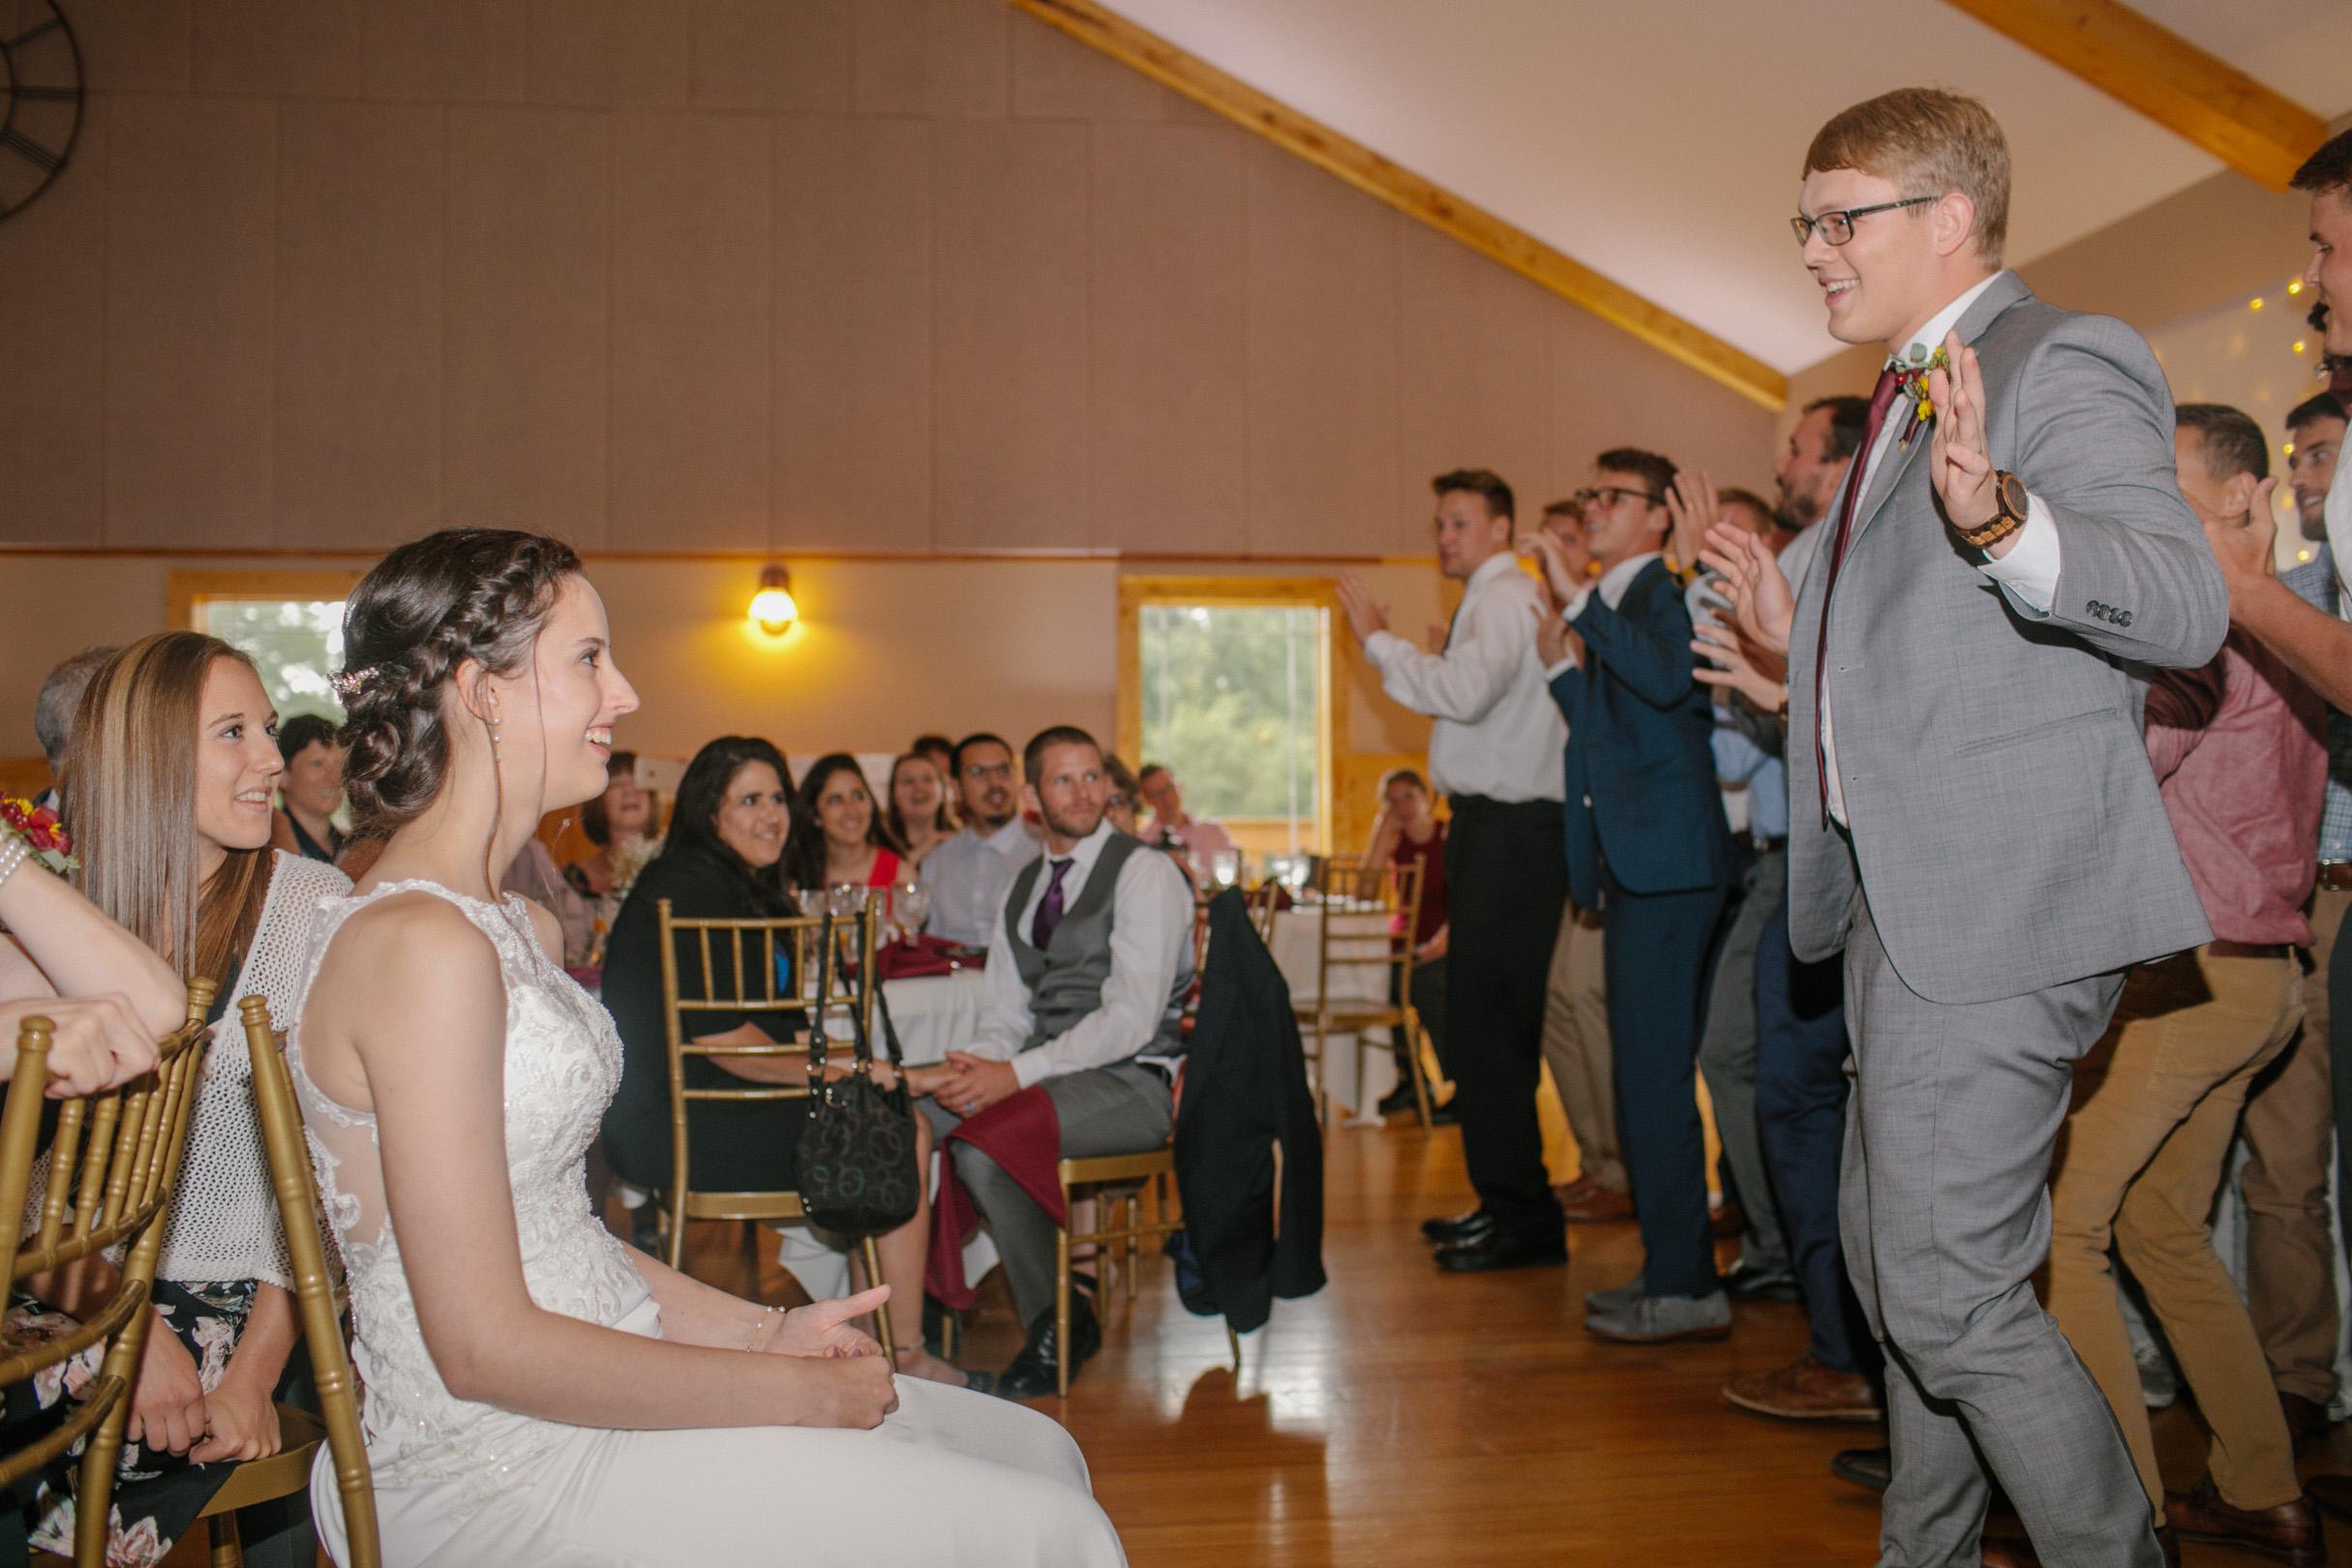 farmhouse_fraternity-wedding-traditions-singing-75.jpg